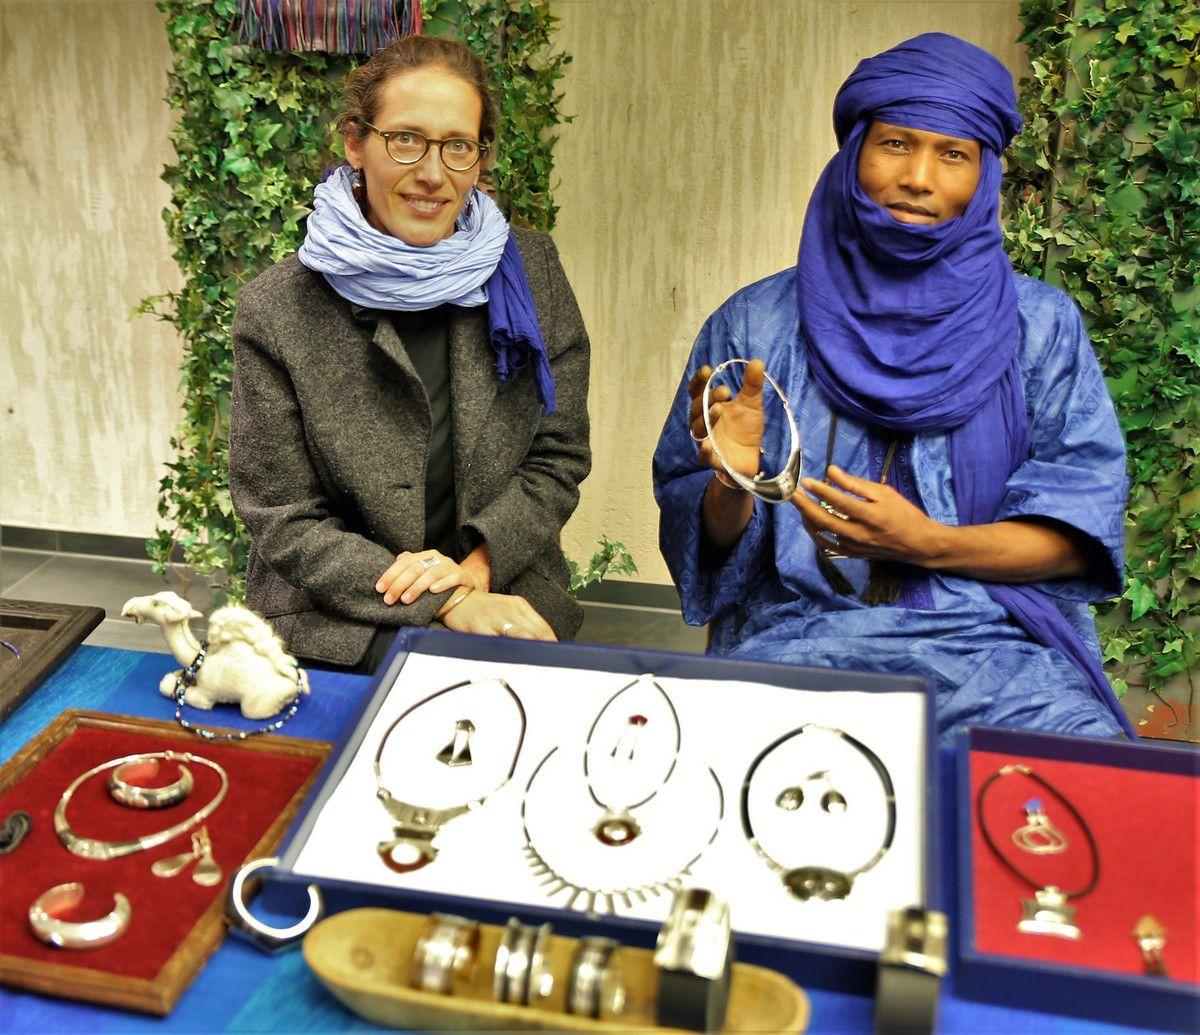 Idrissa Girir, Silberschmied der Tuareg zeigte in der Messe seinen originellen Schmuck